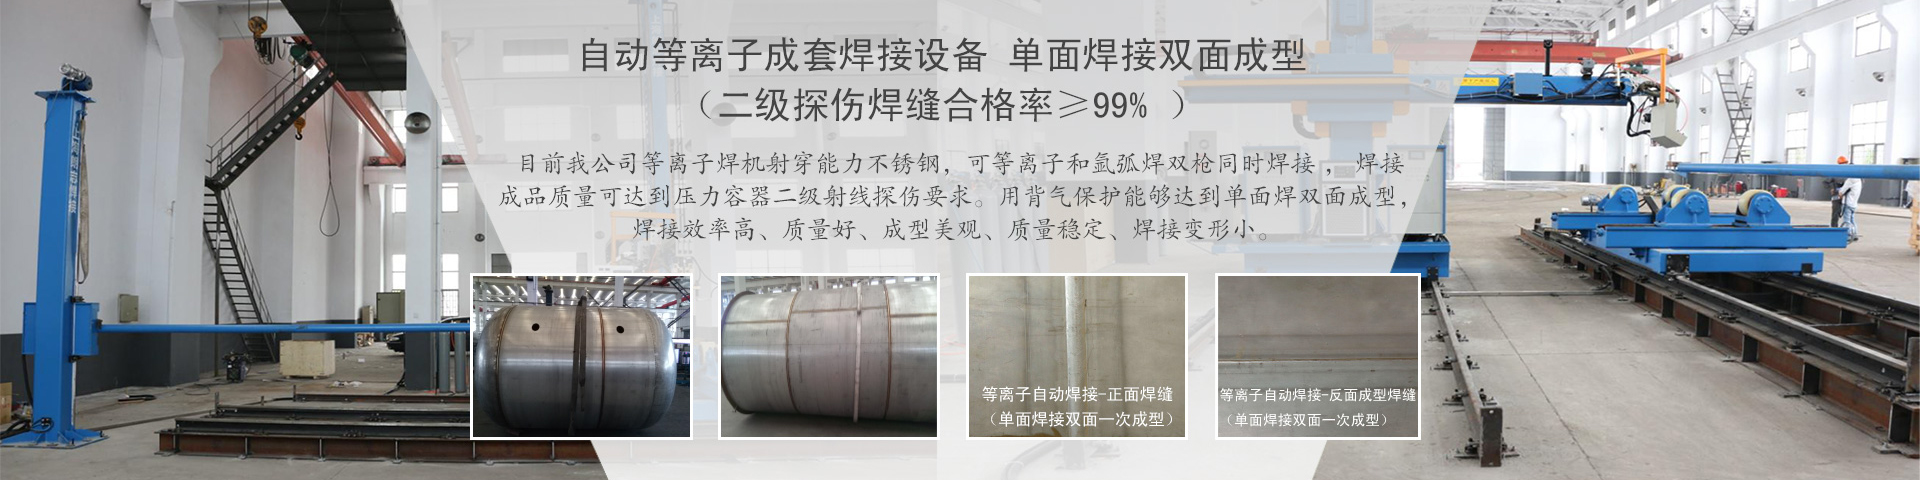 列管式冷凝器介紹